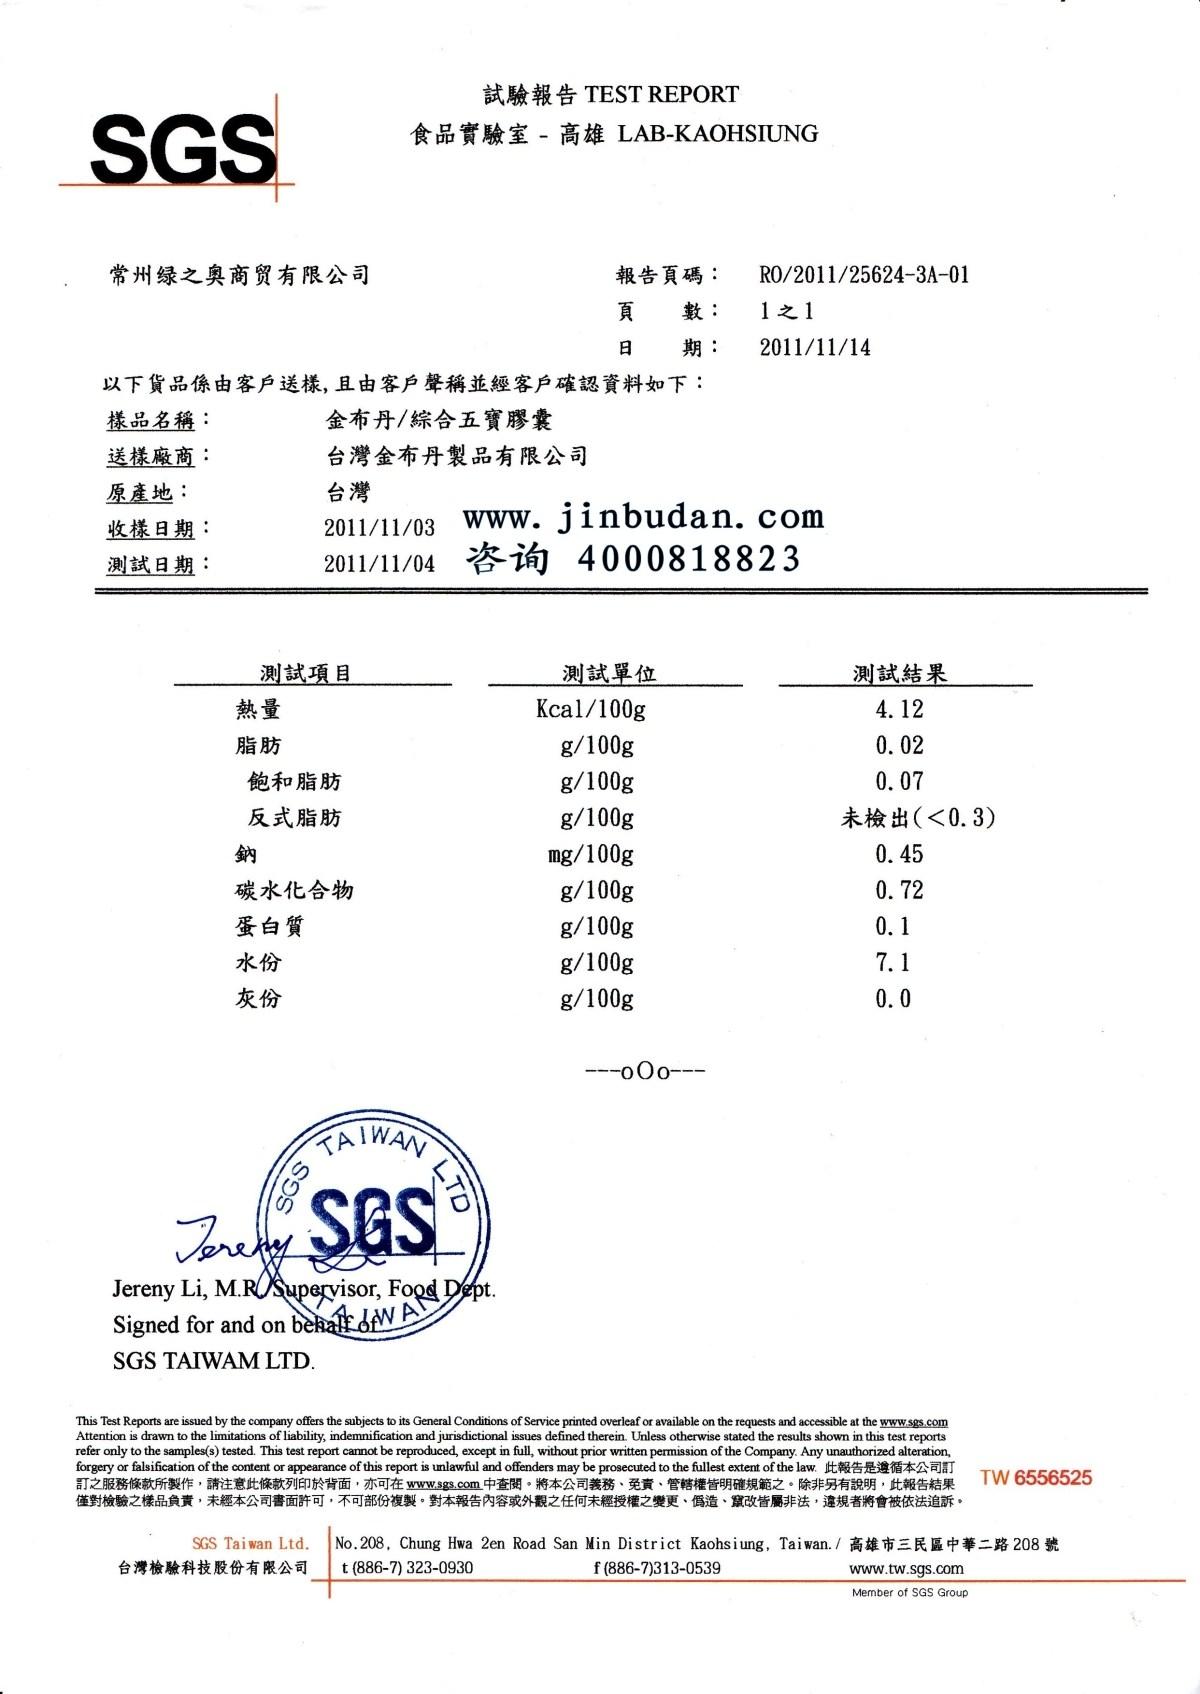 sgs认证是什么意思_iso90012000sgs认证标志图片模板下载图片编